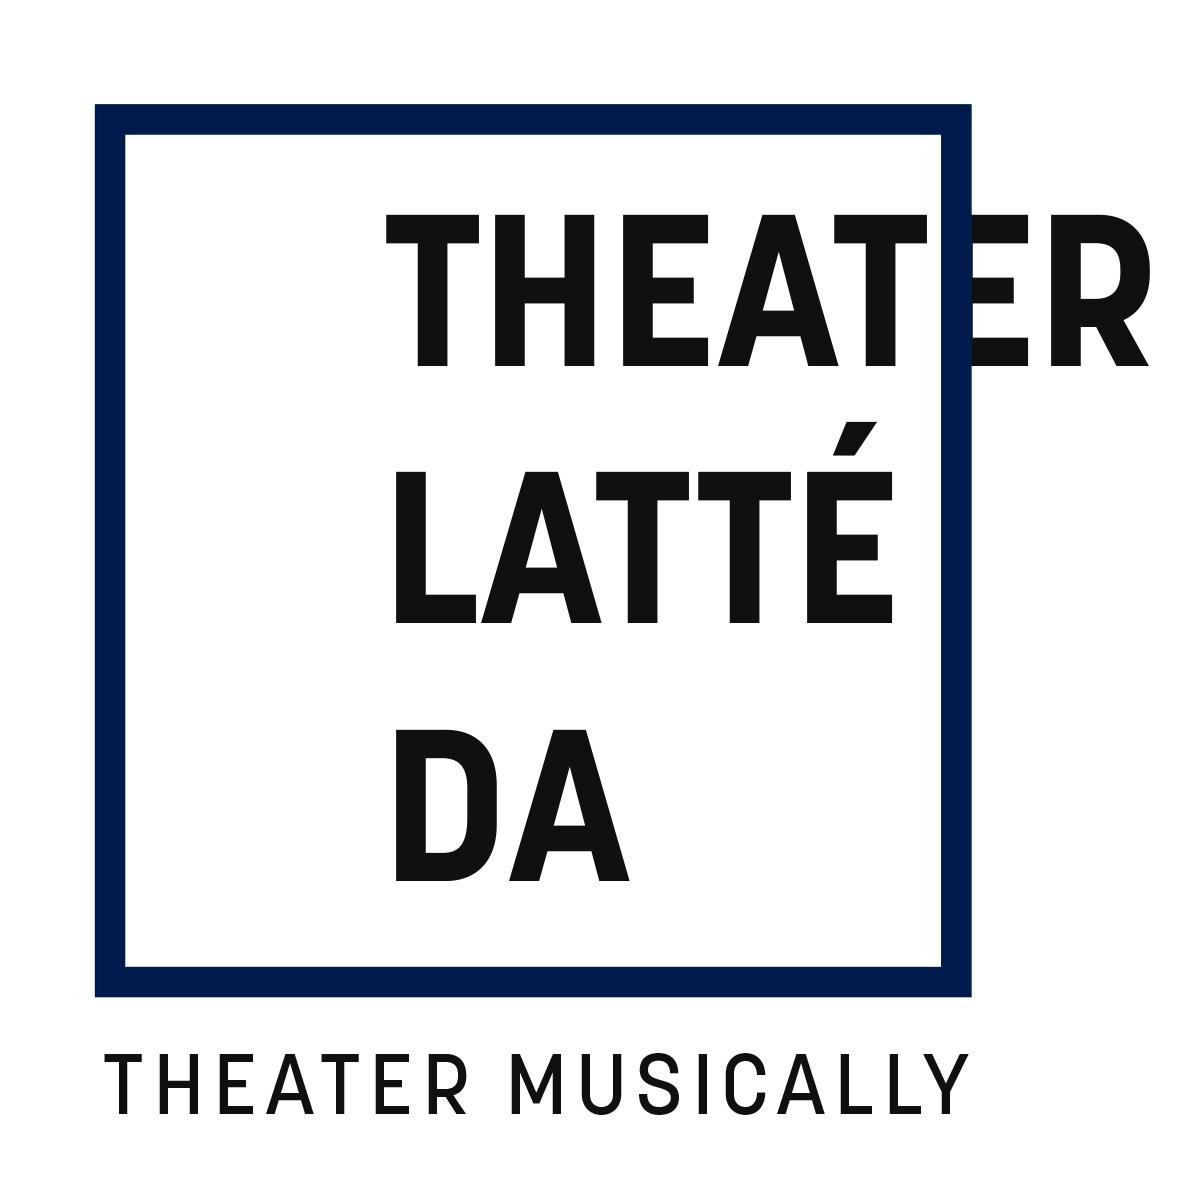 l_theater-latte-da-821-1447276039.3472.png